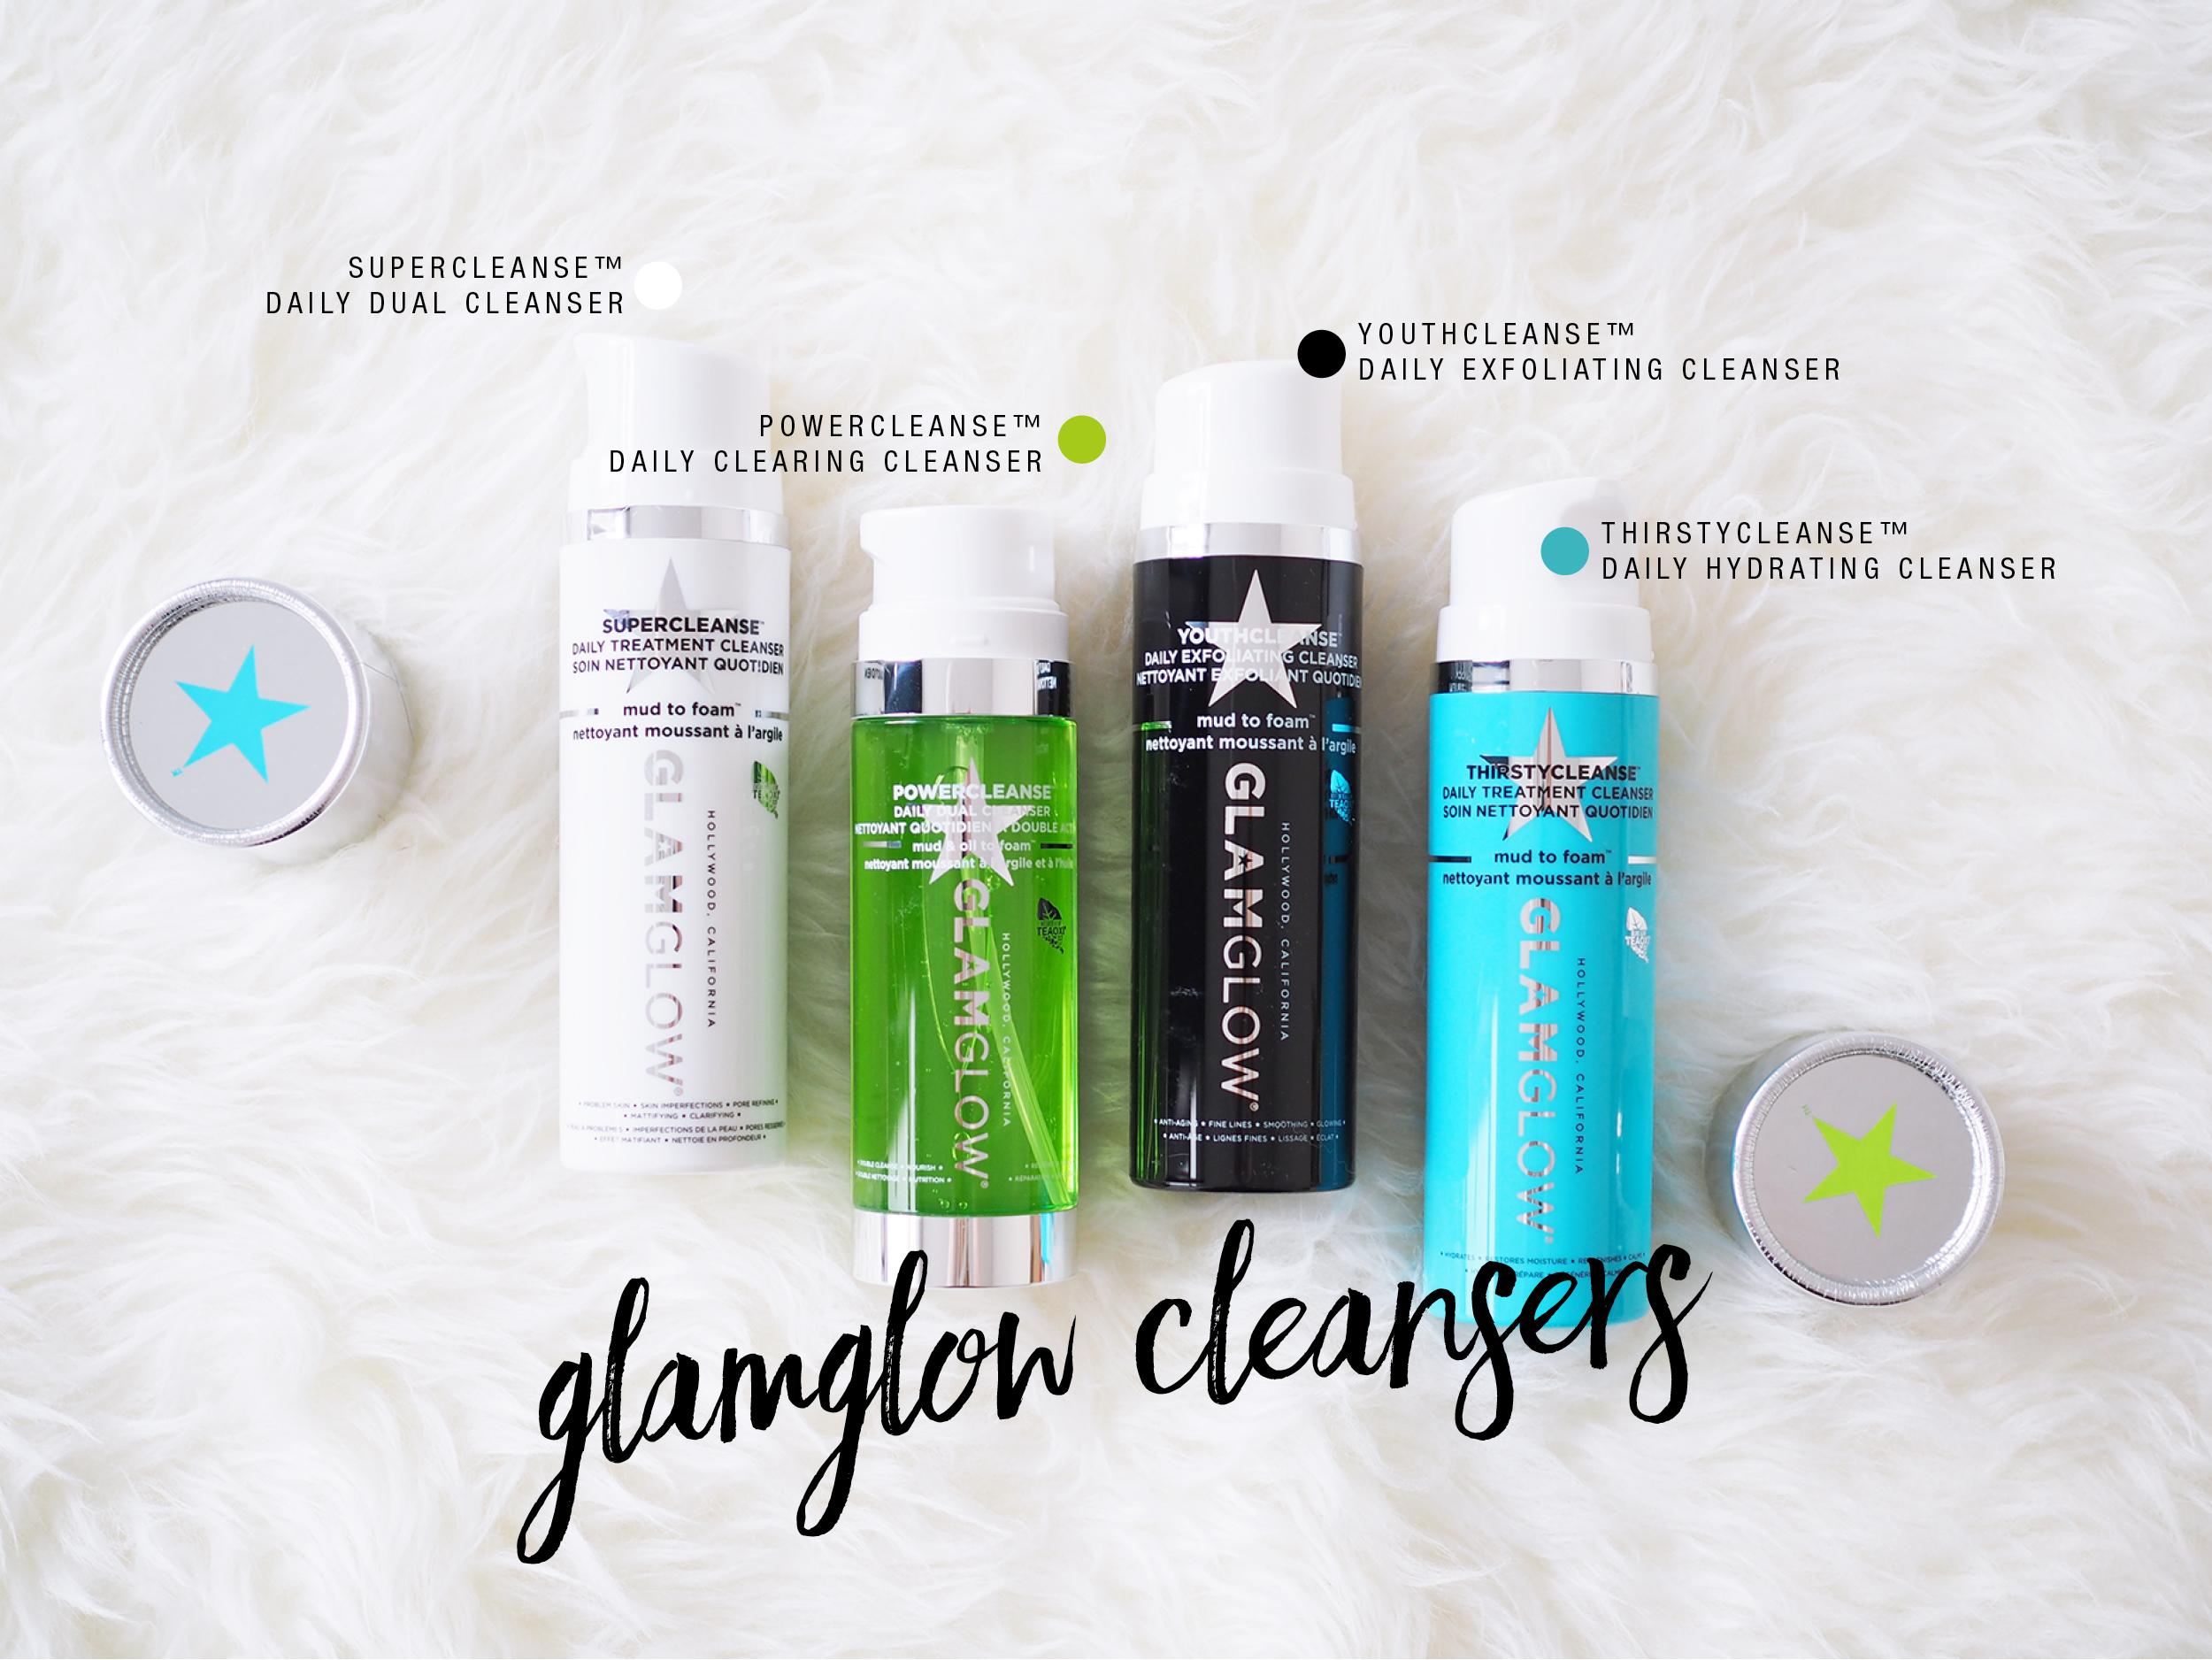 Glamglow / Foxycheeks